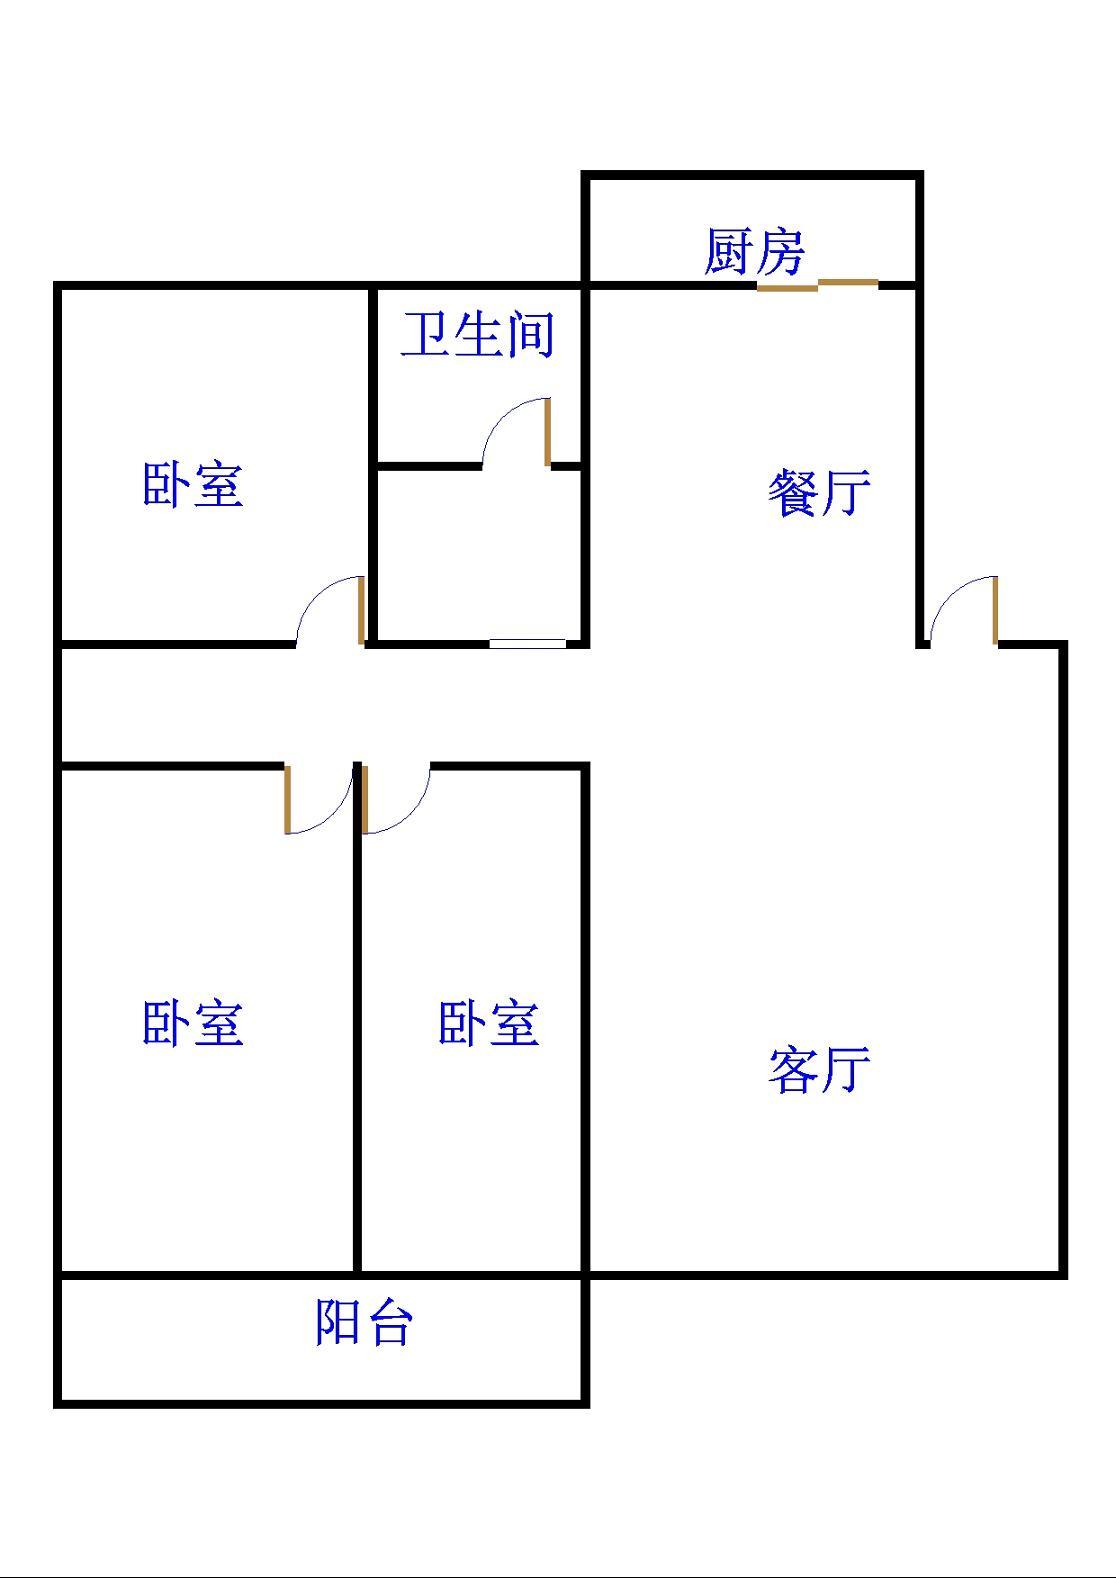 皇明宿舍小区 3室2厅 5楼